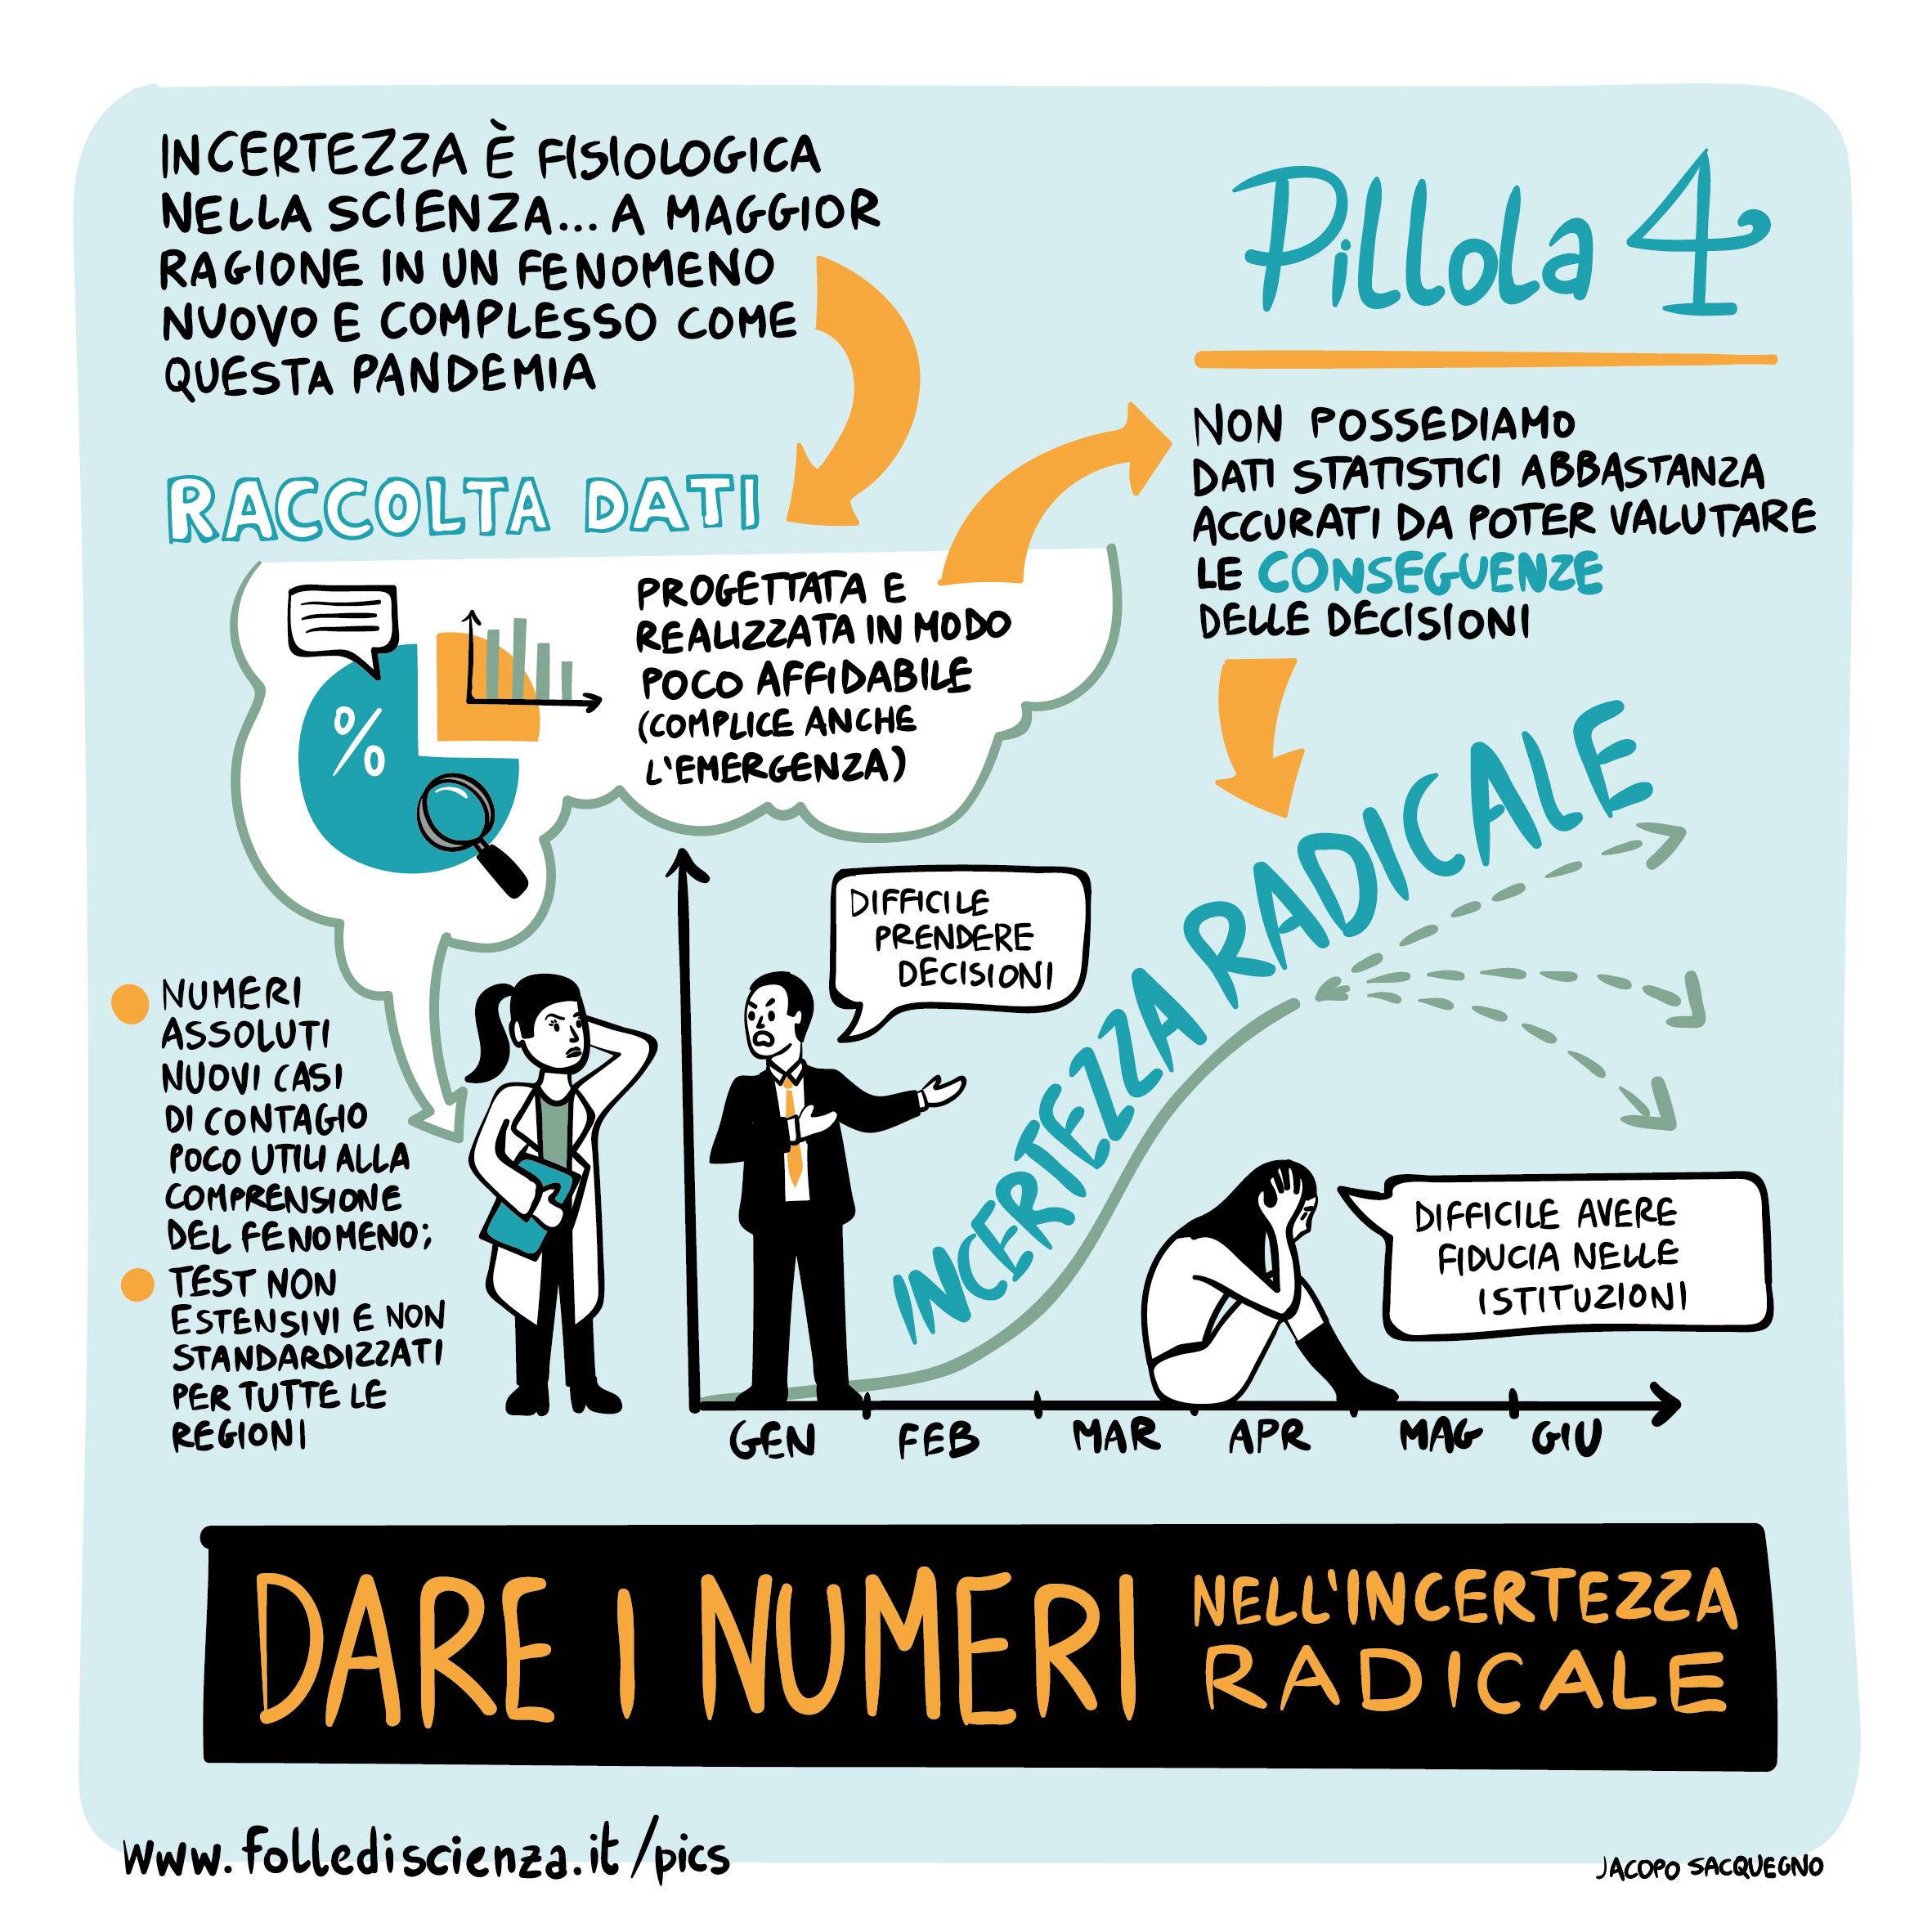 Dare i numeri nell'incertezza radicale